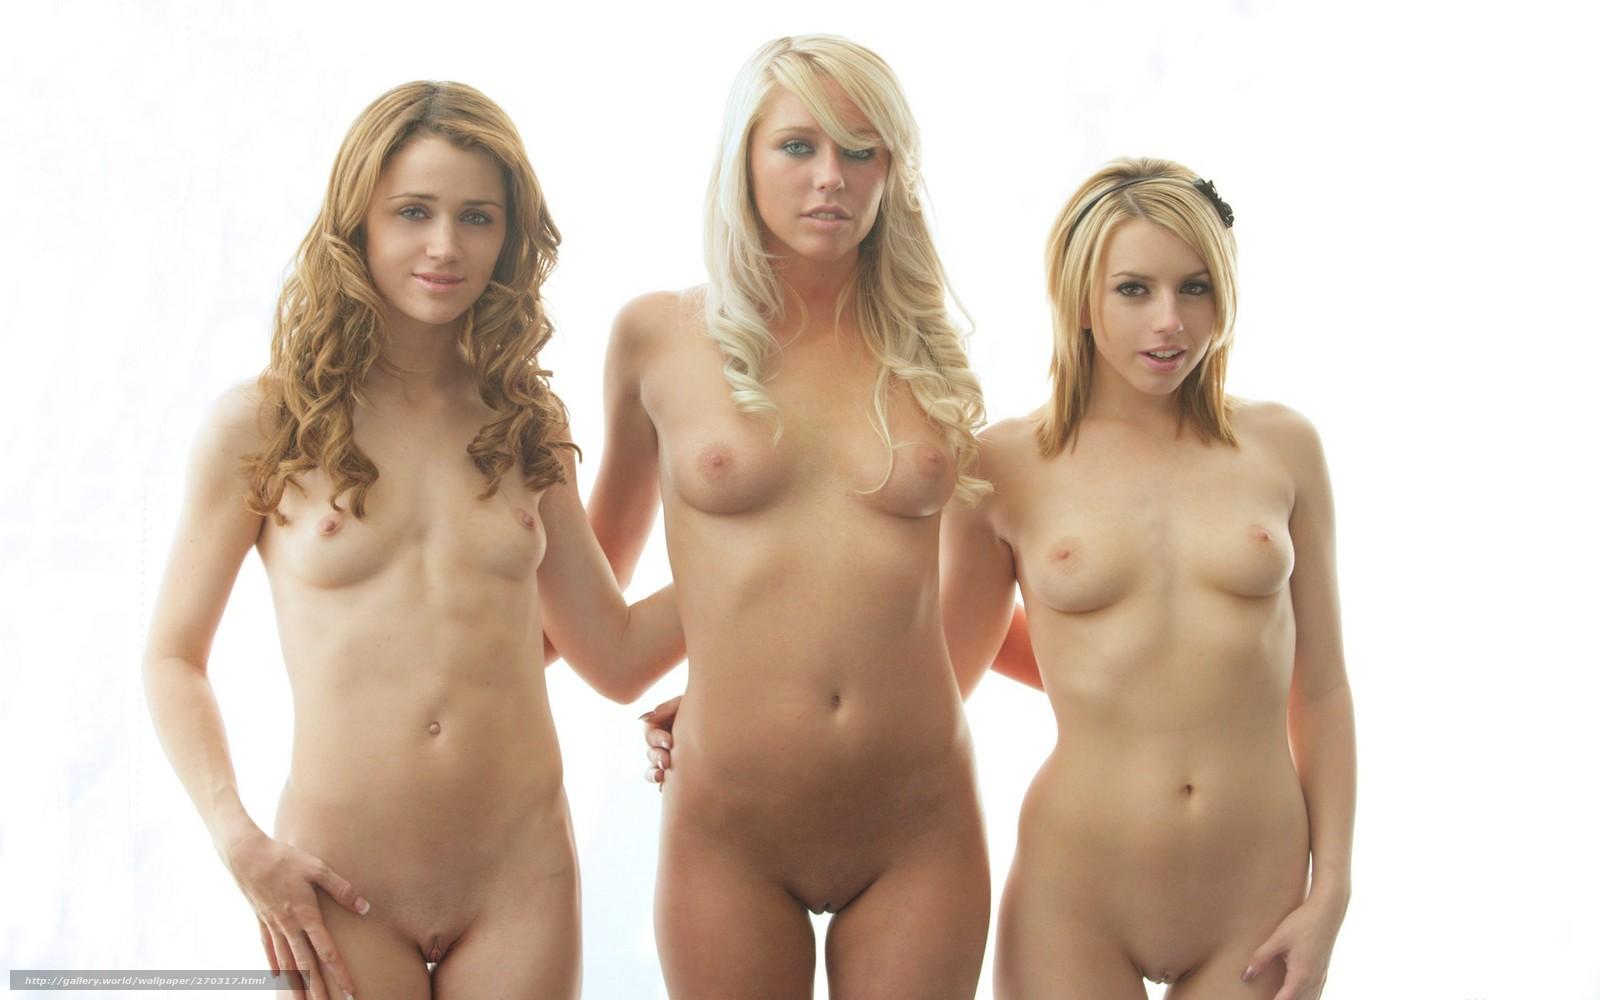 Юные миниатюрные голые девчонки смотреть 20 фотография